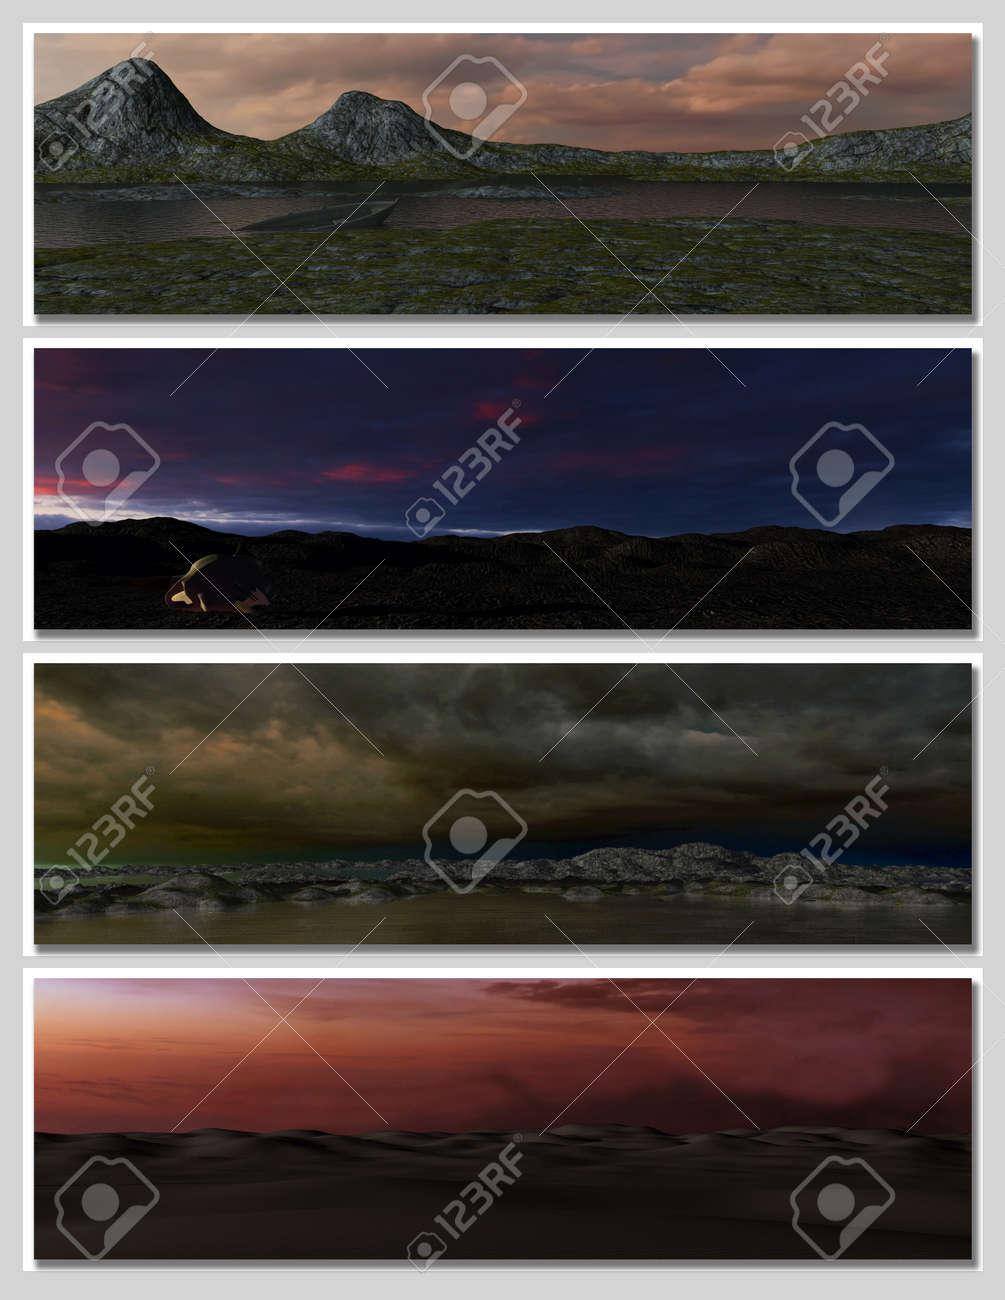 four different fantasy landscapes for banner, background or illustration. Stock Illustration - 7569986